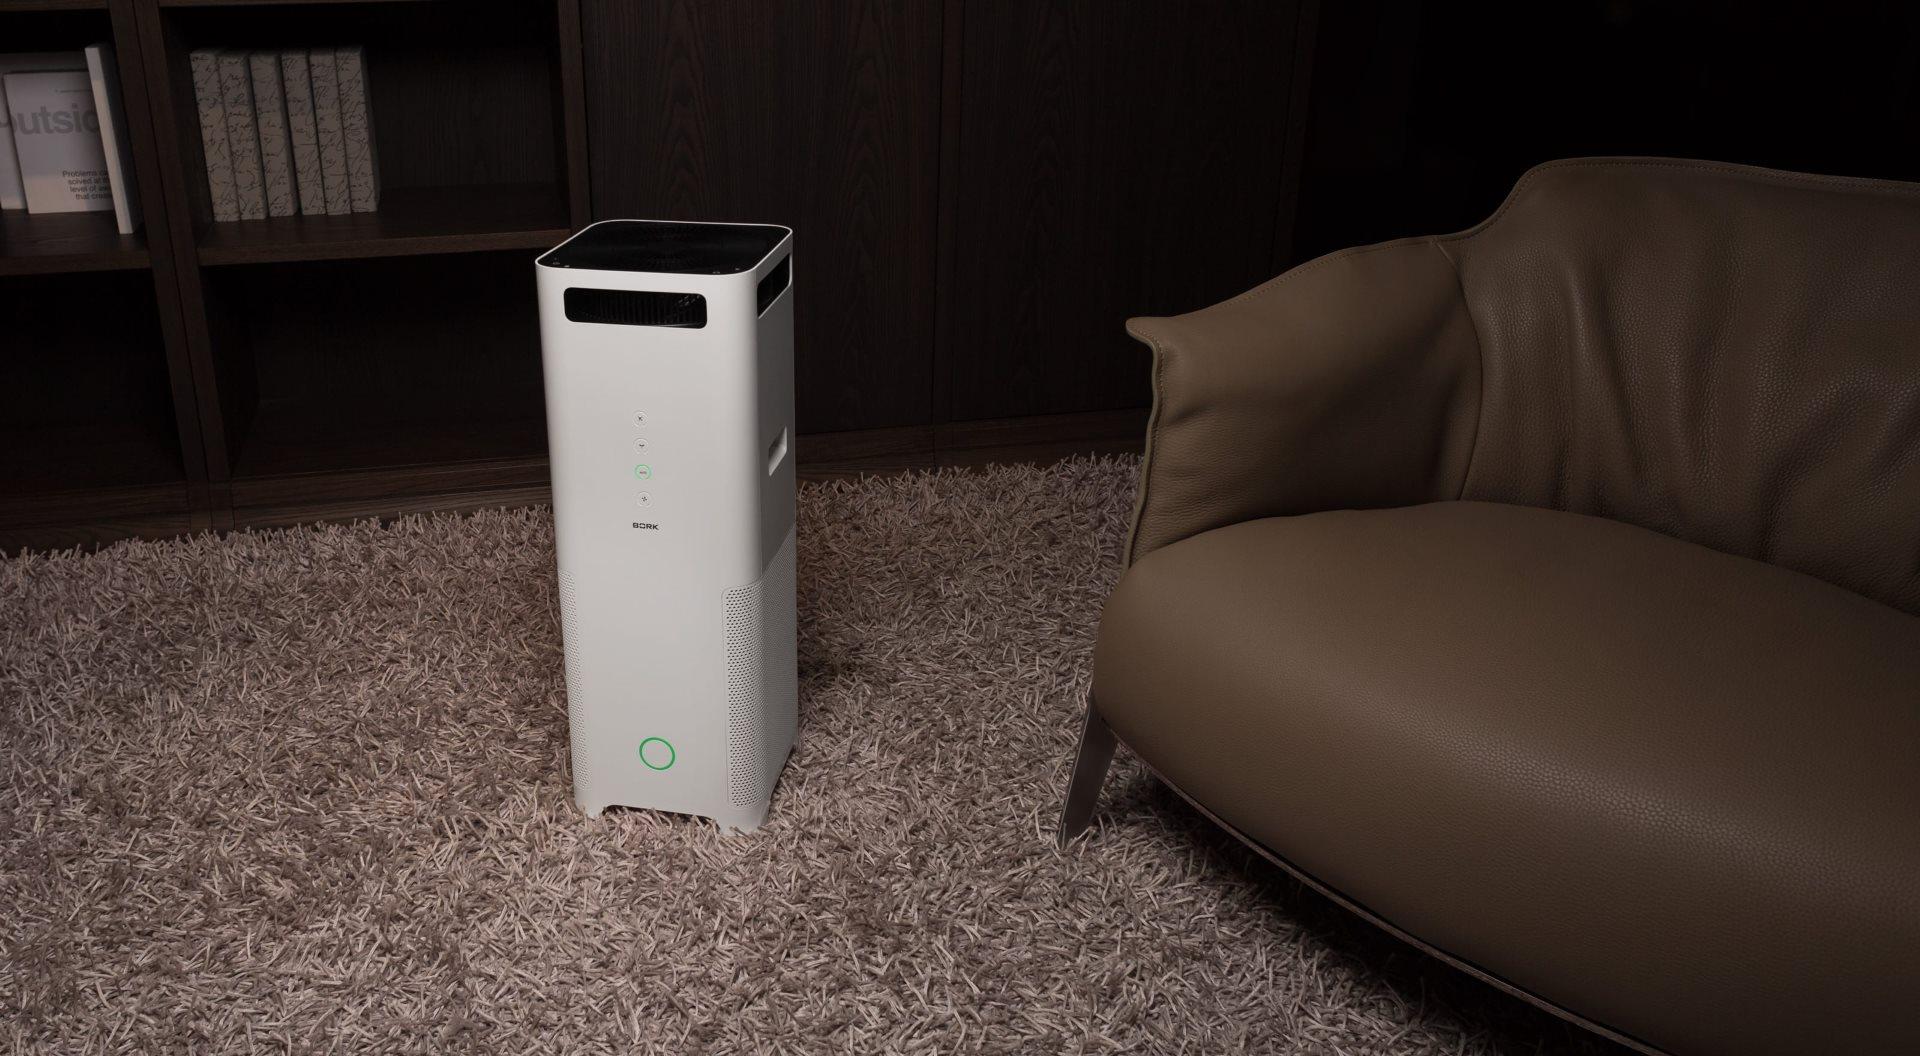 BORK представляет коллекцию воздухоочистителей